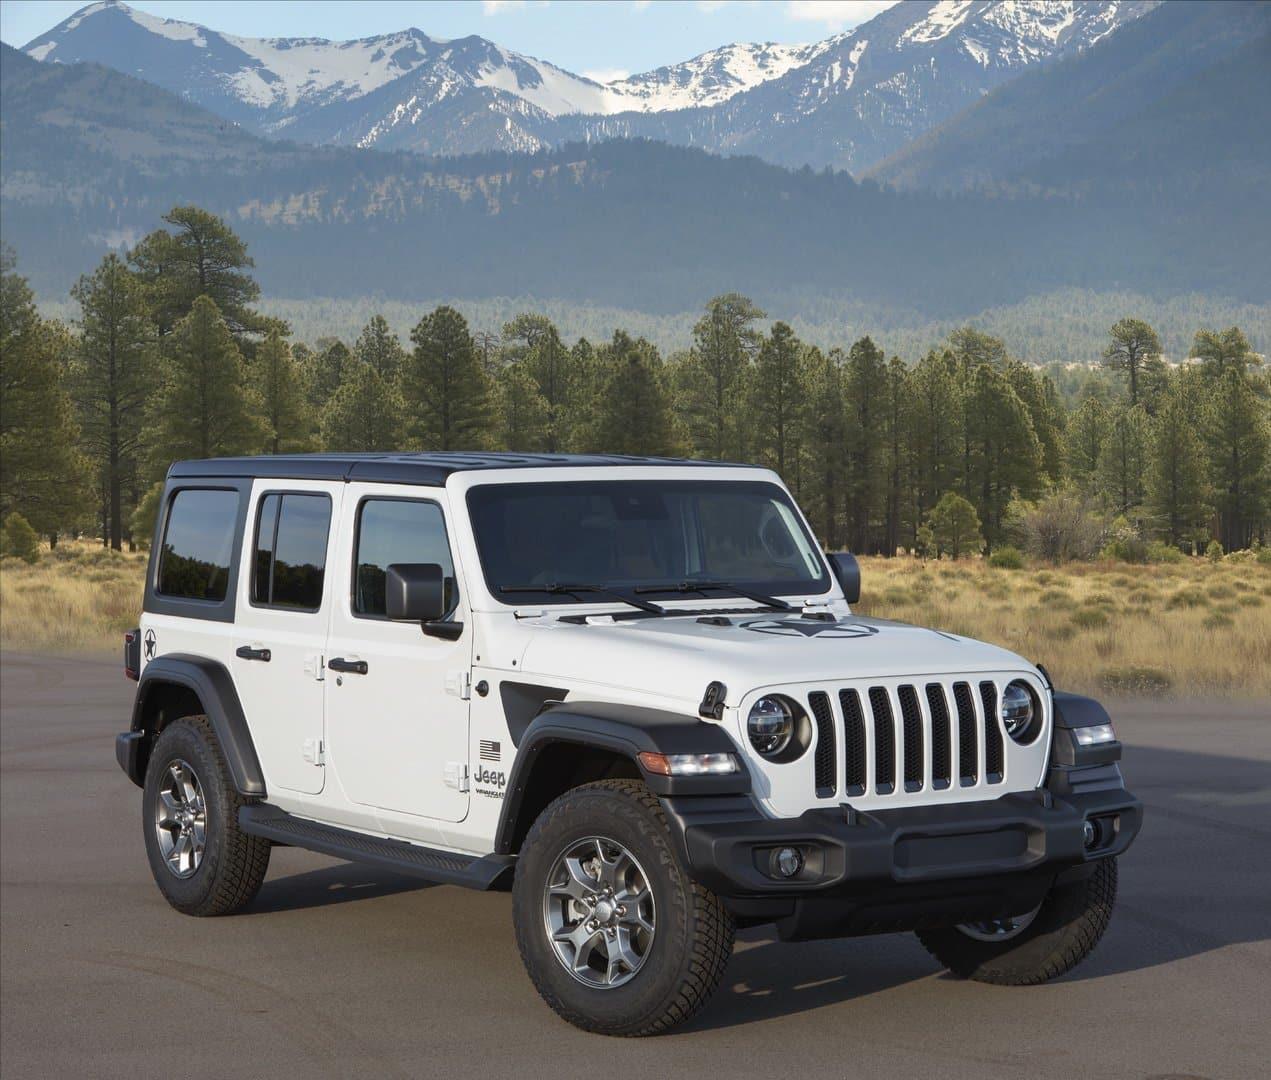 2020 The Jeep Wrangler Spy Shoot